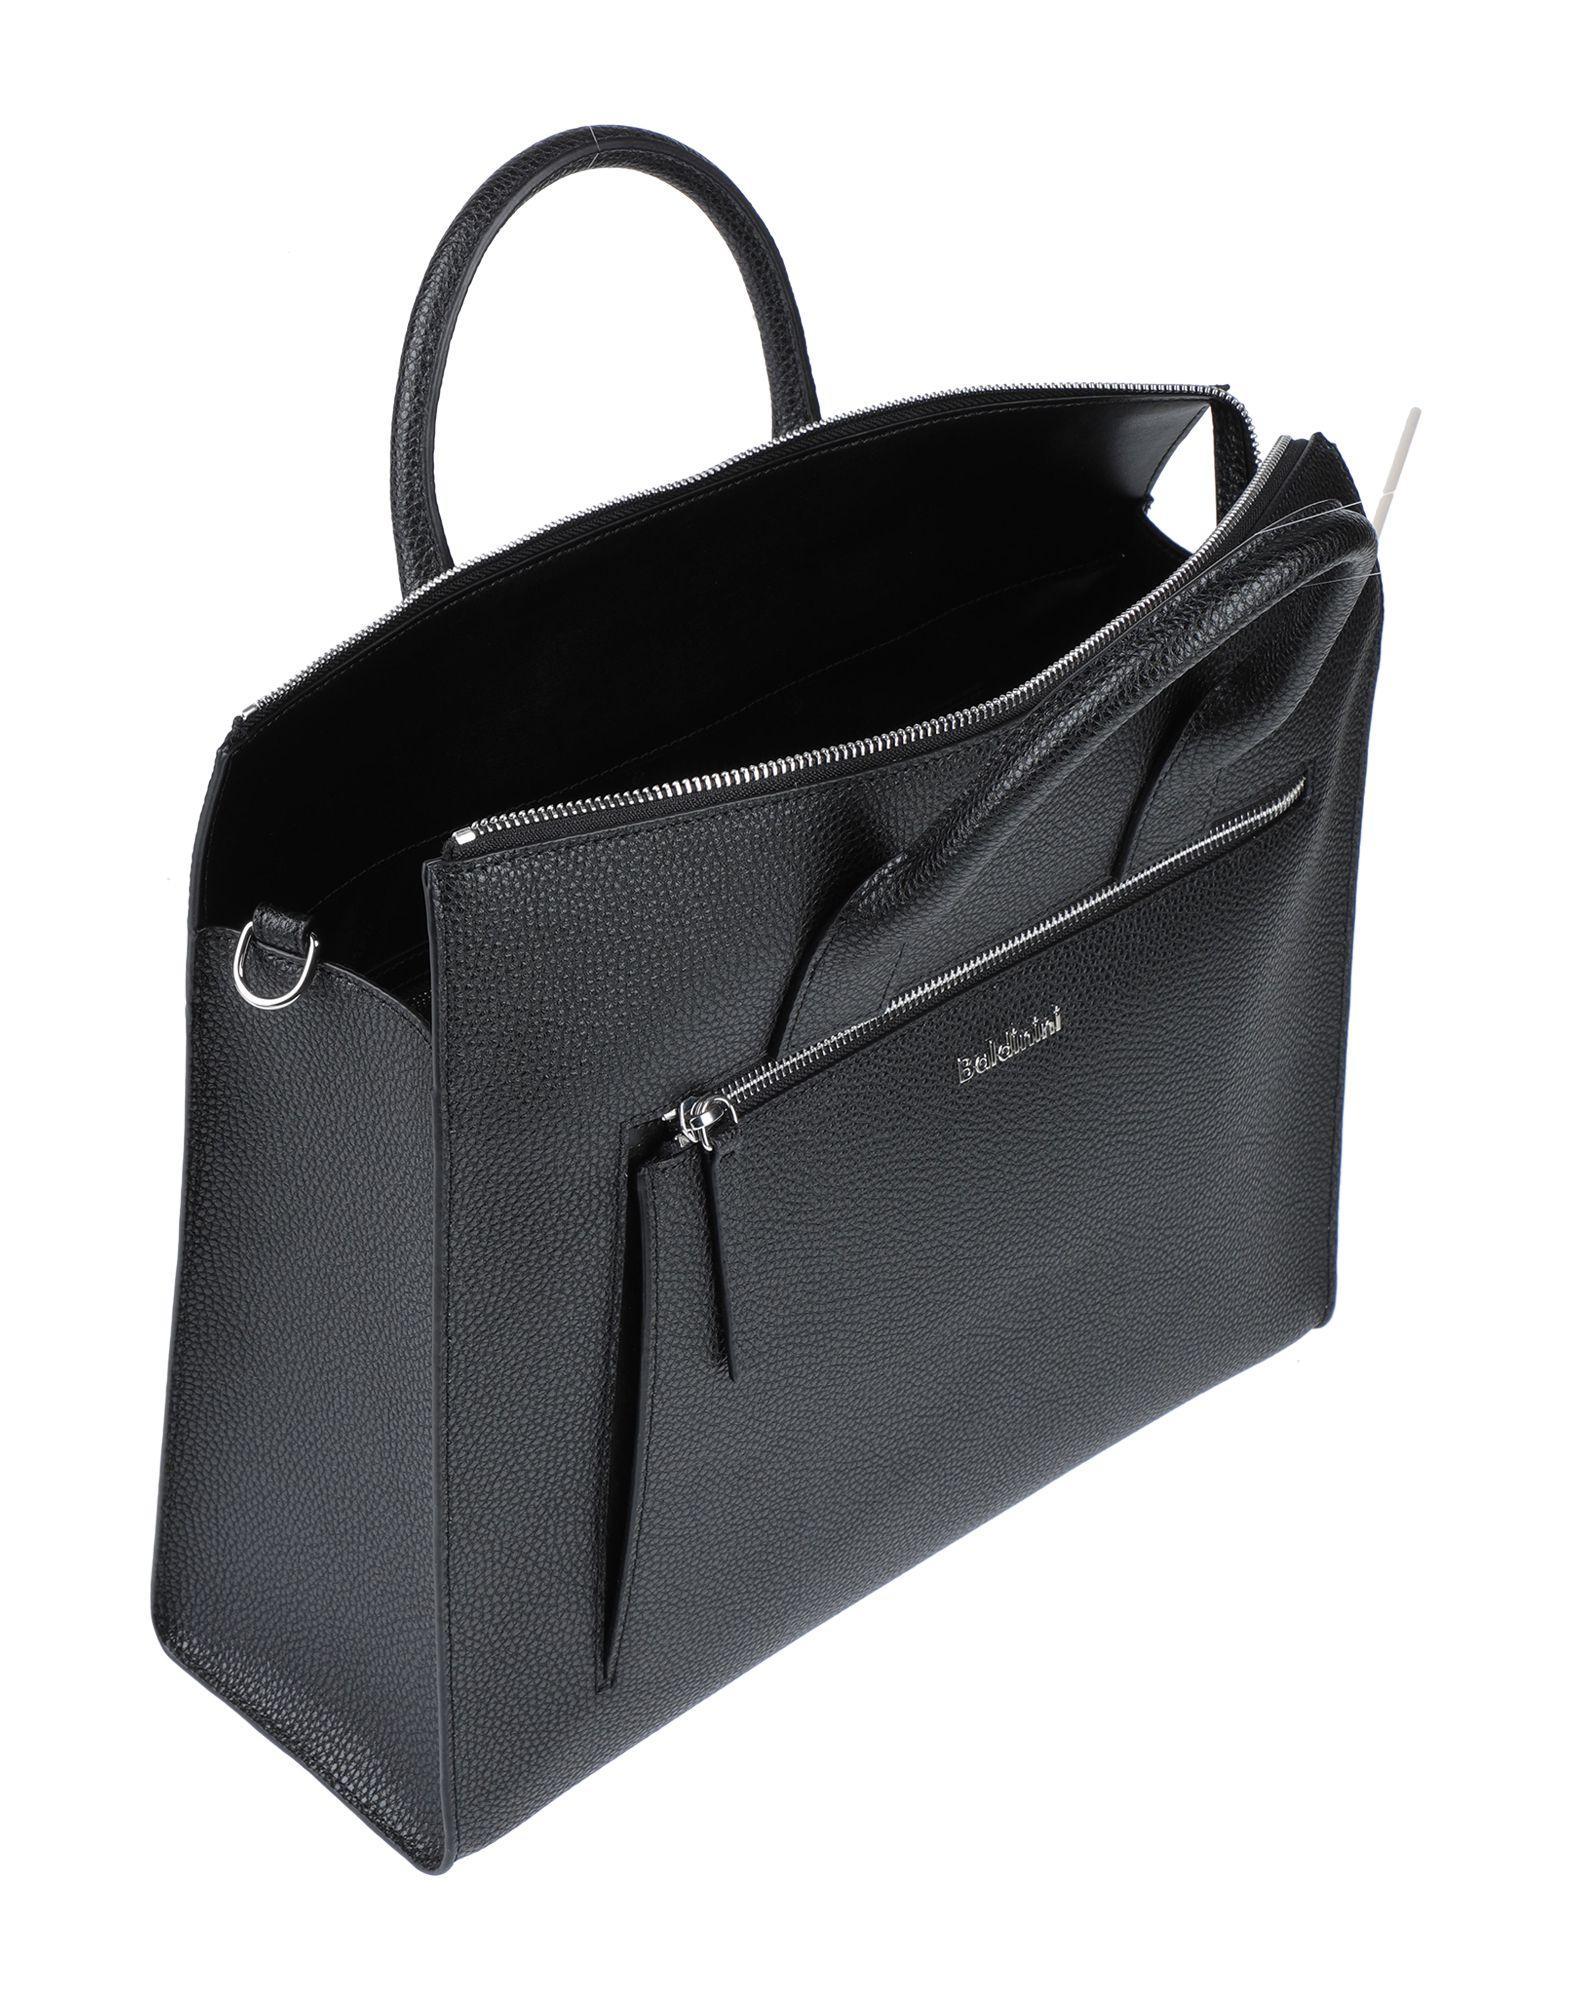 Baldinini Leder Handtaschen in Schwarz mWr3R